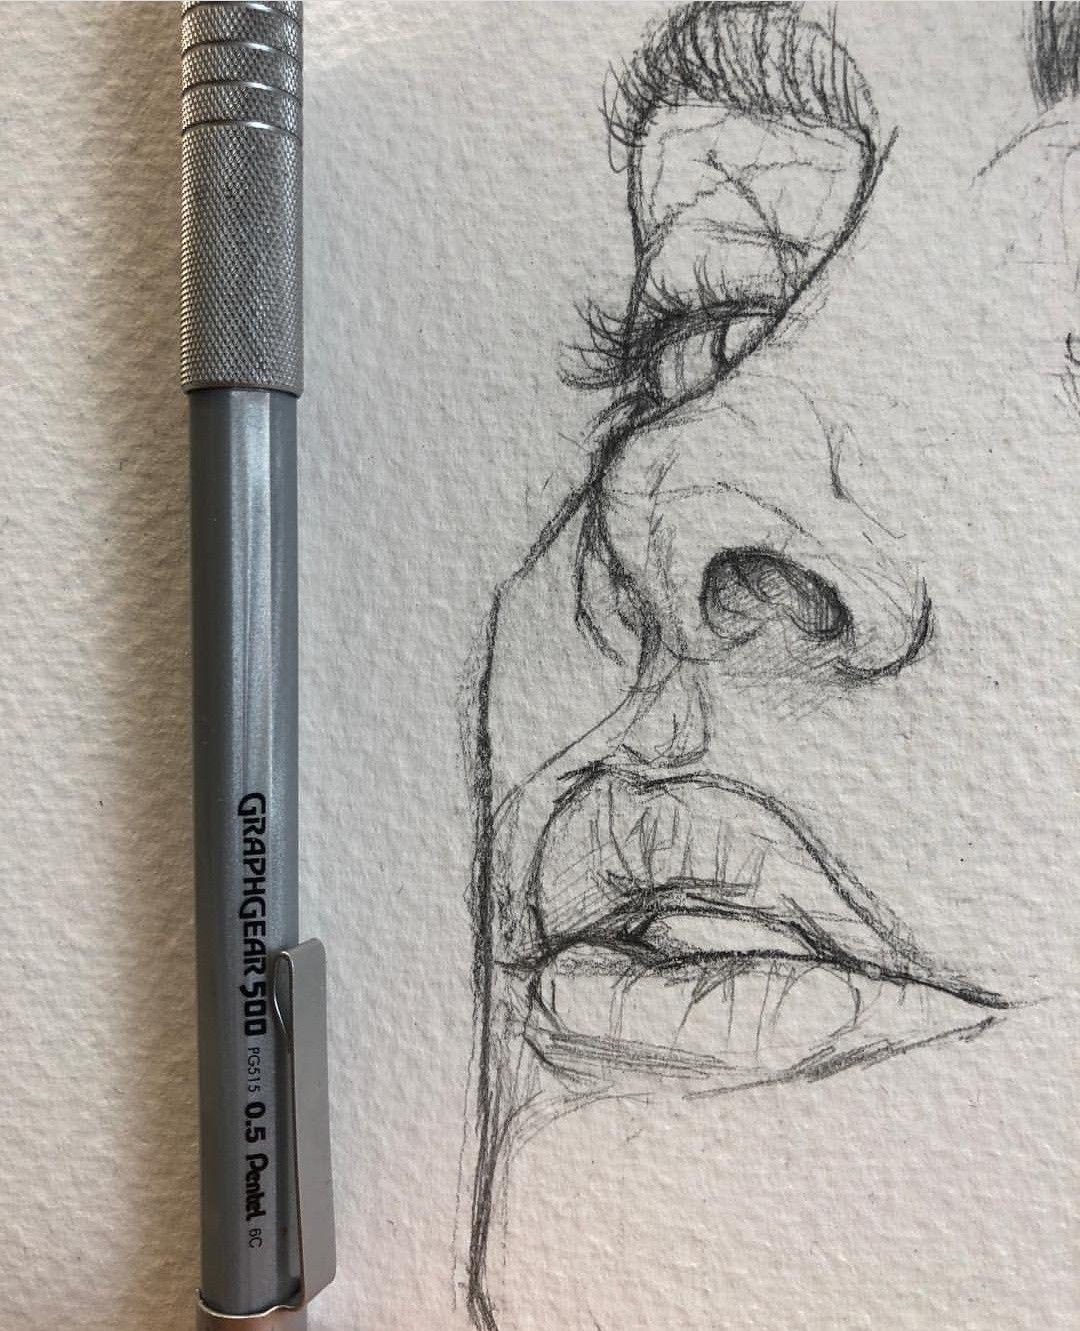 Pin by kirstyn dubar on i l l u s t r a t e art pencil art